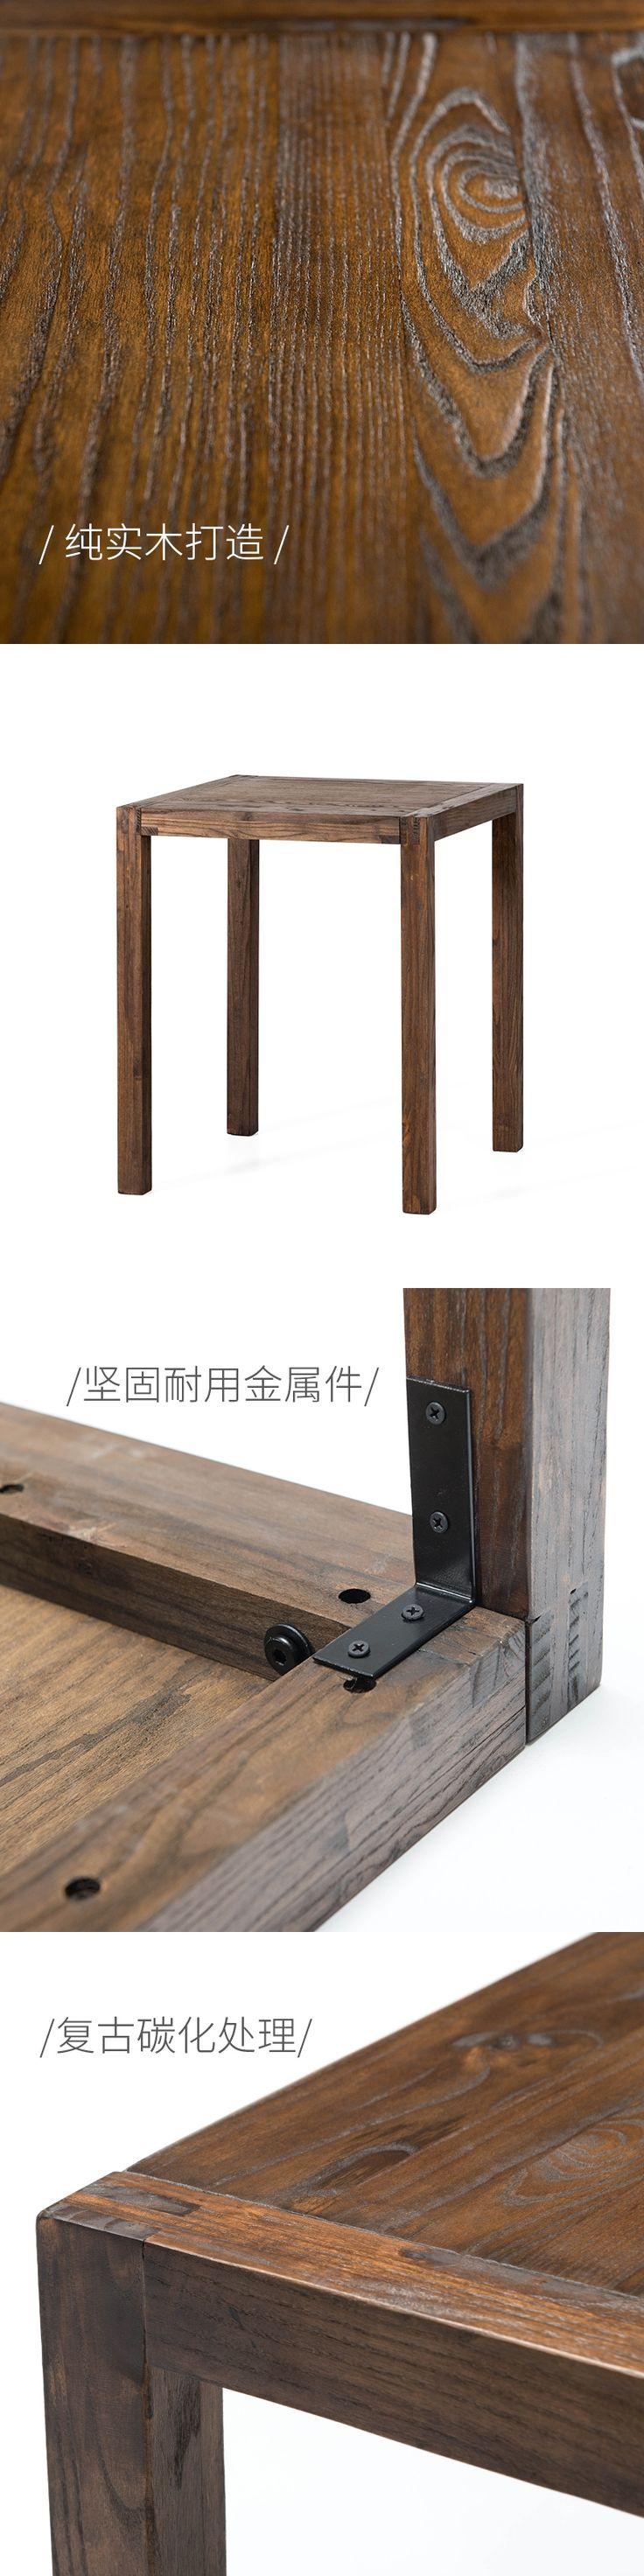 89b3875de6de0afdeaff644582374cd7 Impressionnant De Table Bar Exterieur Conception